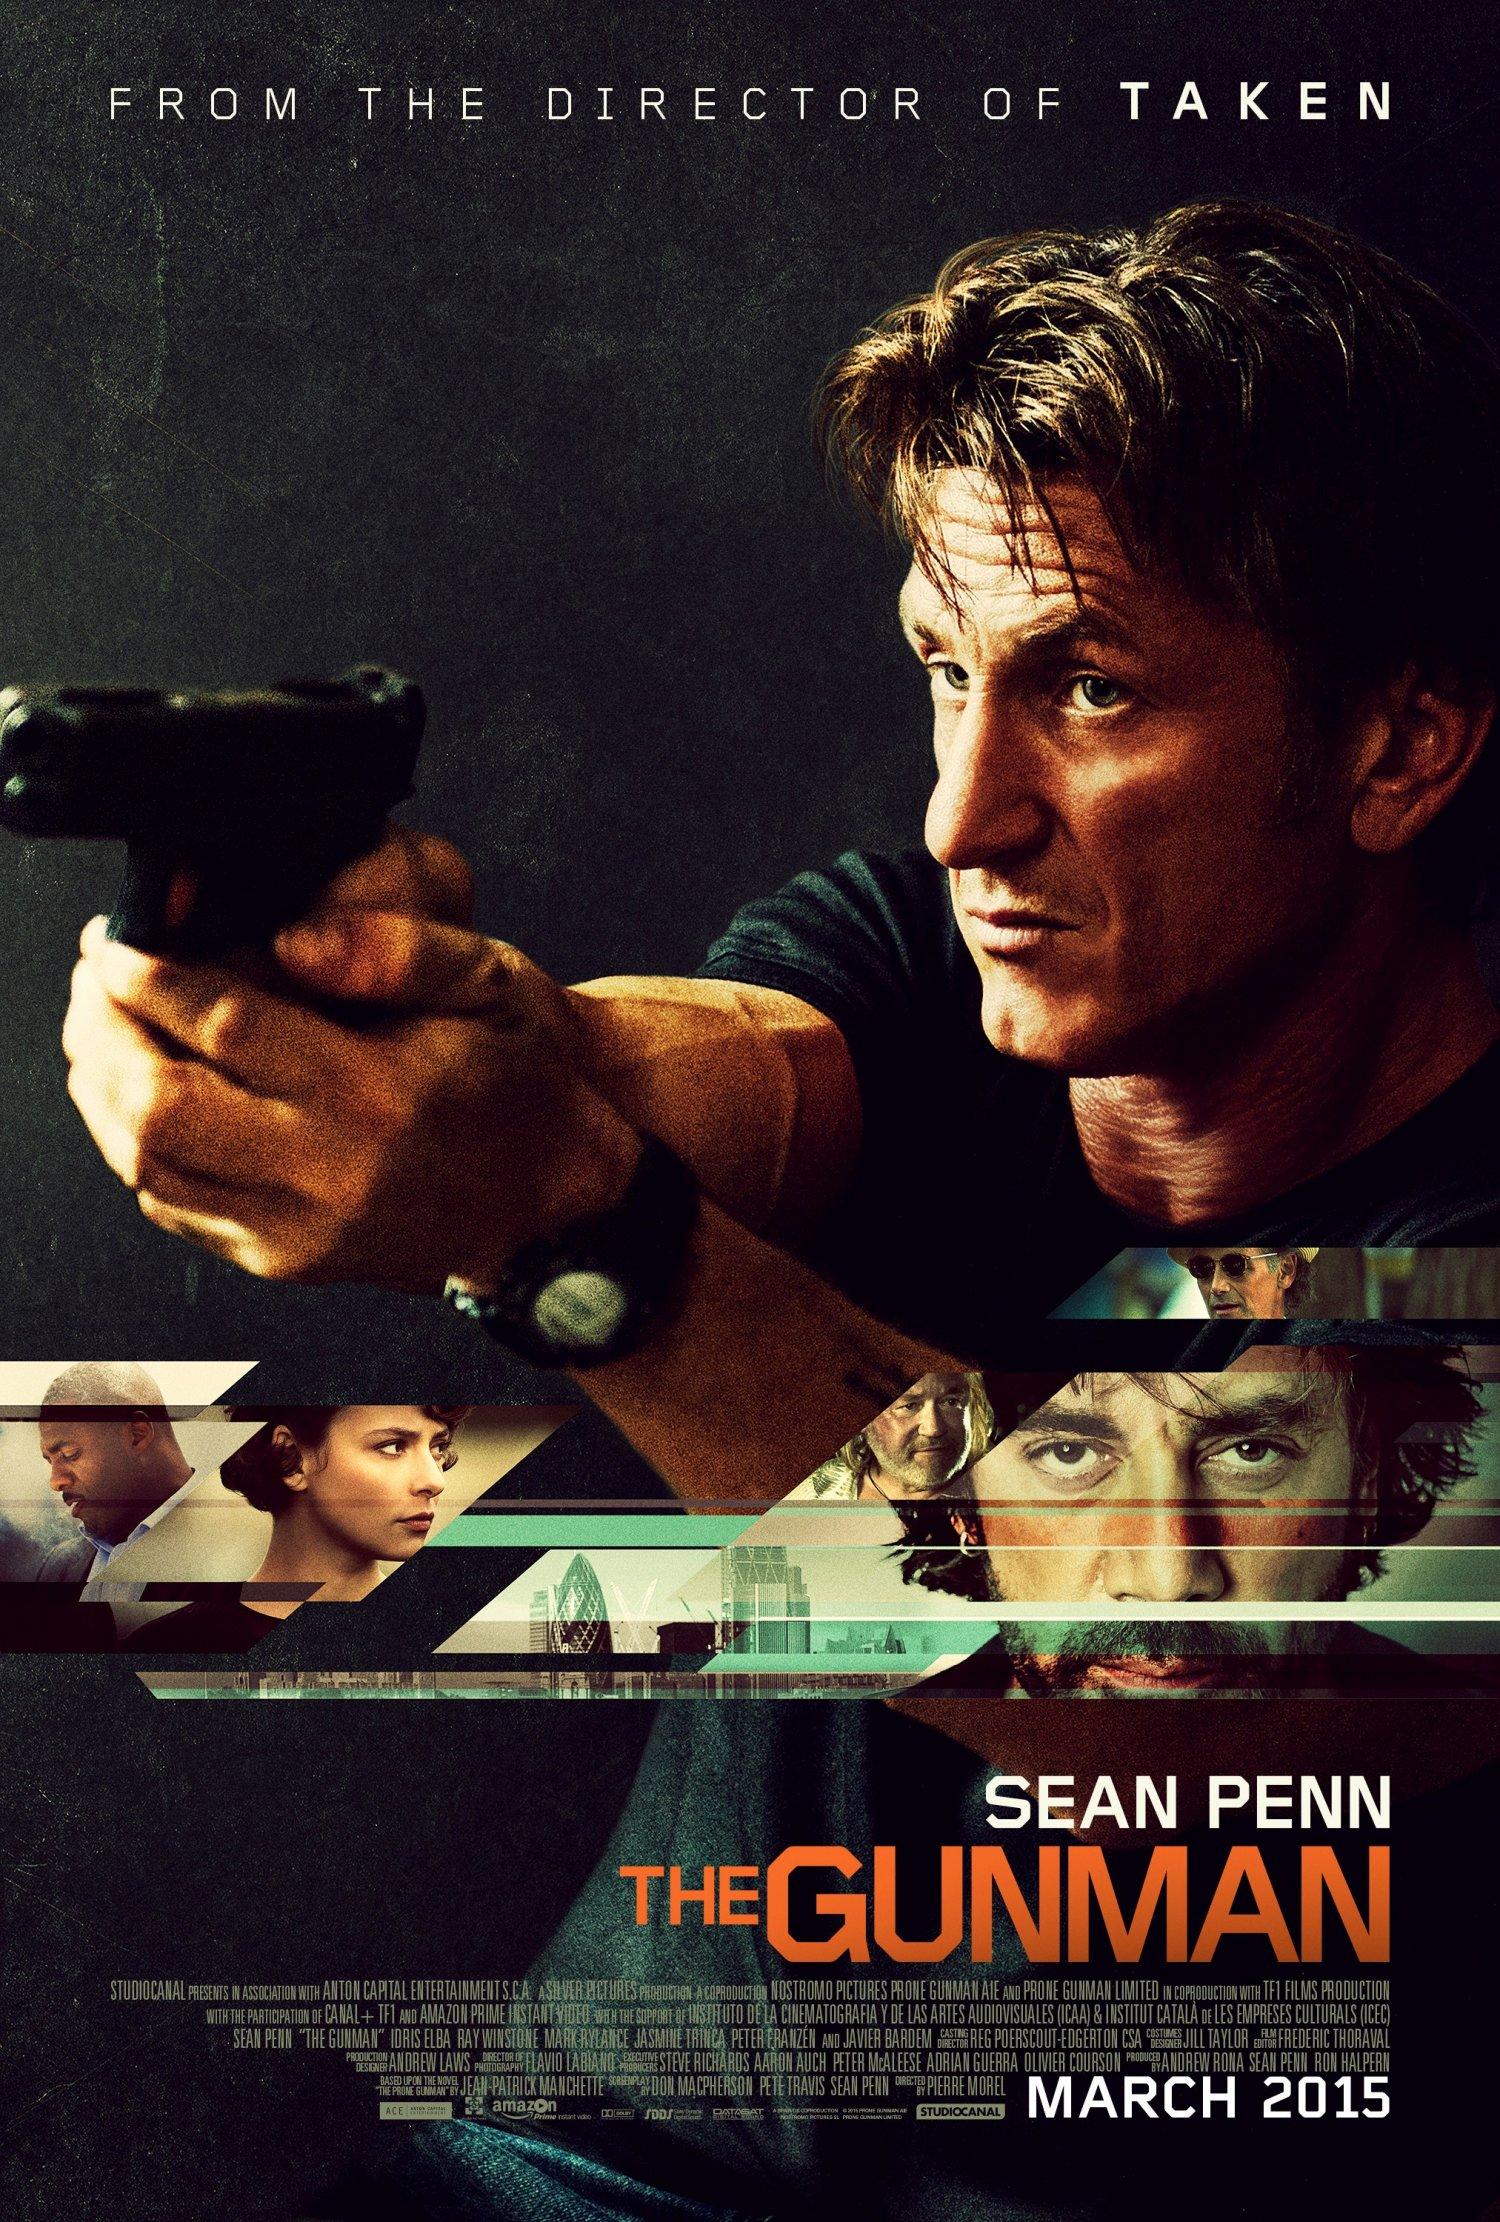 Sean Penn – The Gunman 1-sheet